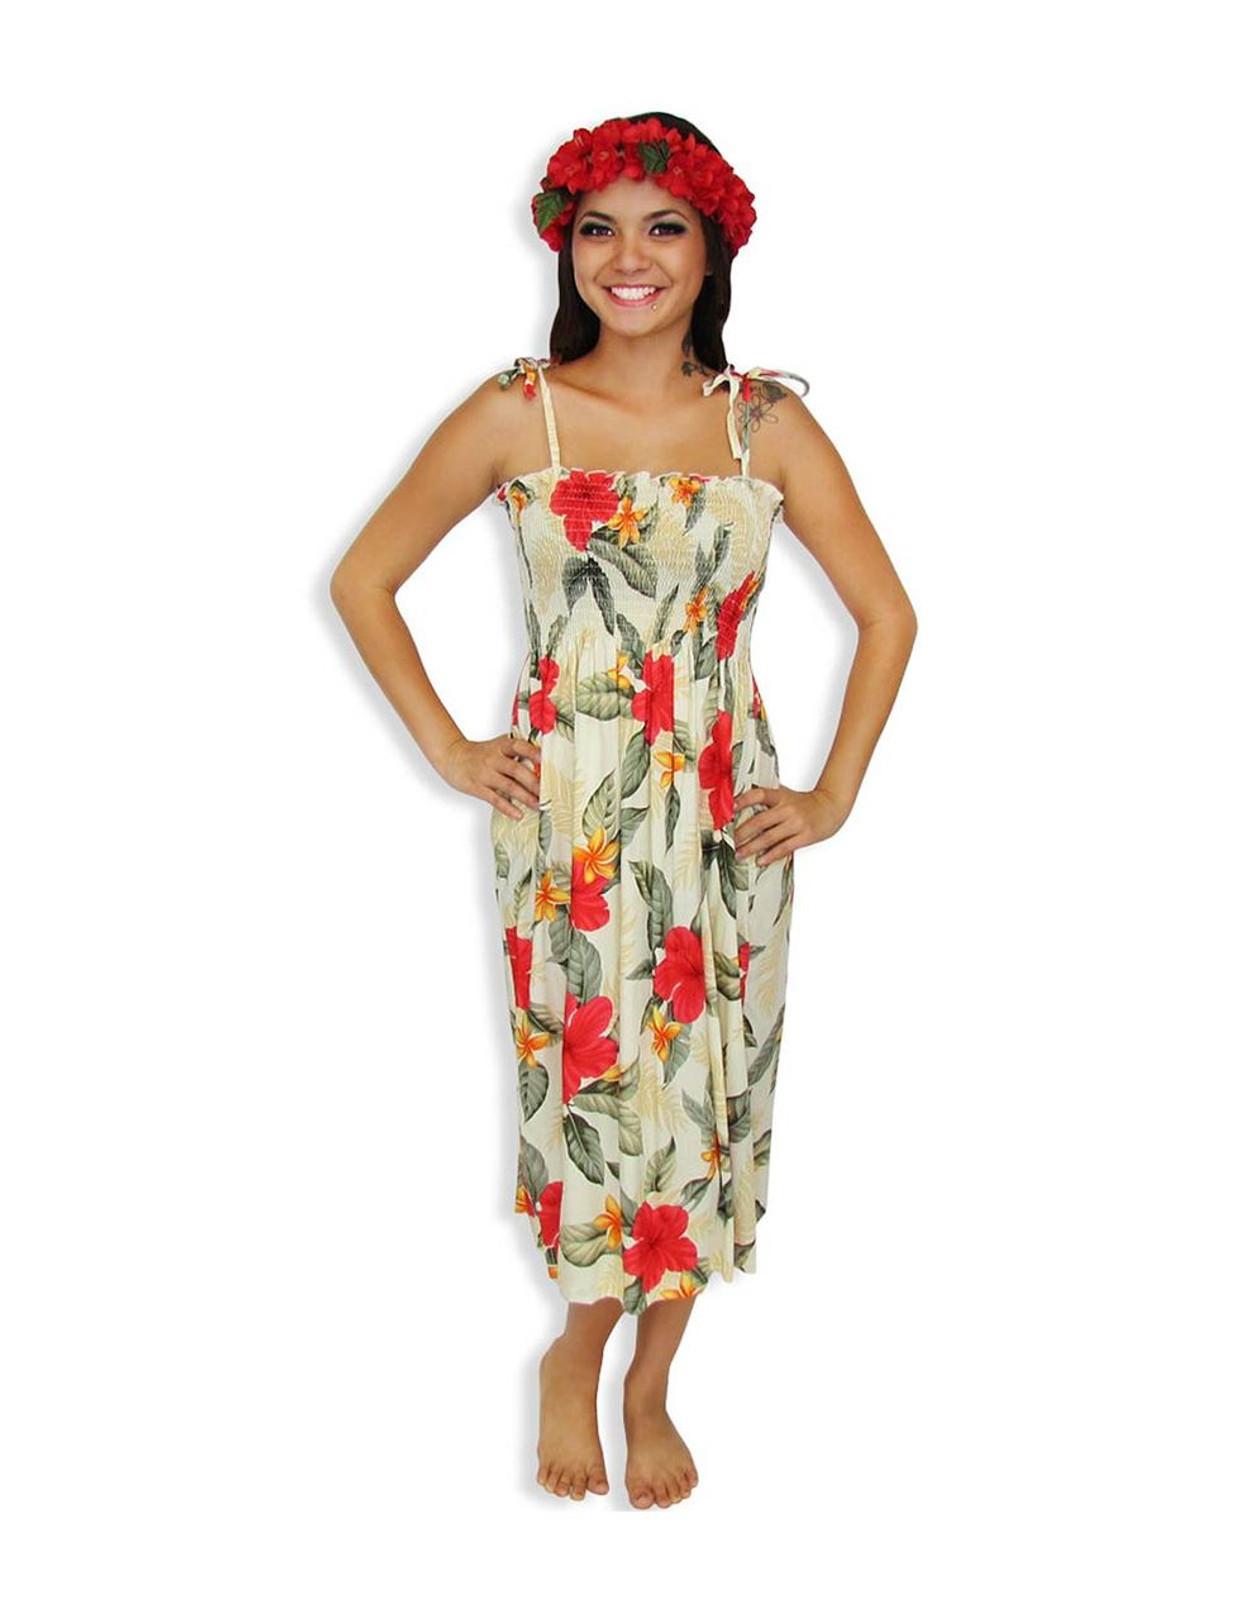 443f2e2cd177 Ula Ula Hibiscus Mid-length Spaghetti Dresses 100% Rayon Color: Cream  Length: